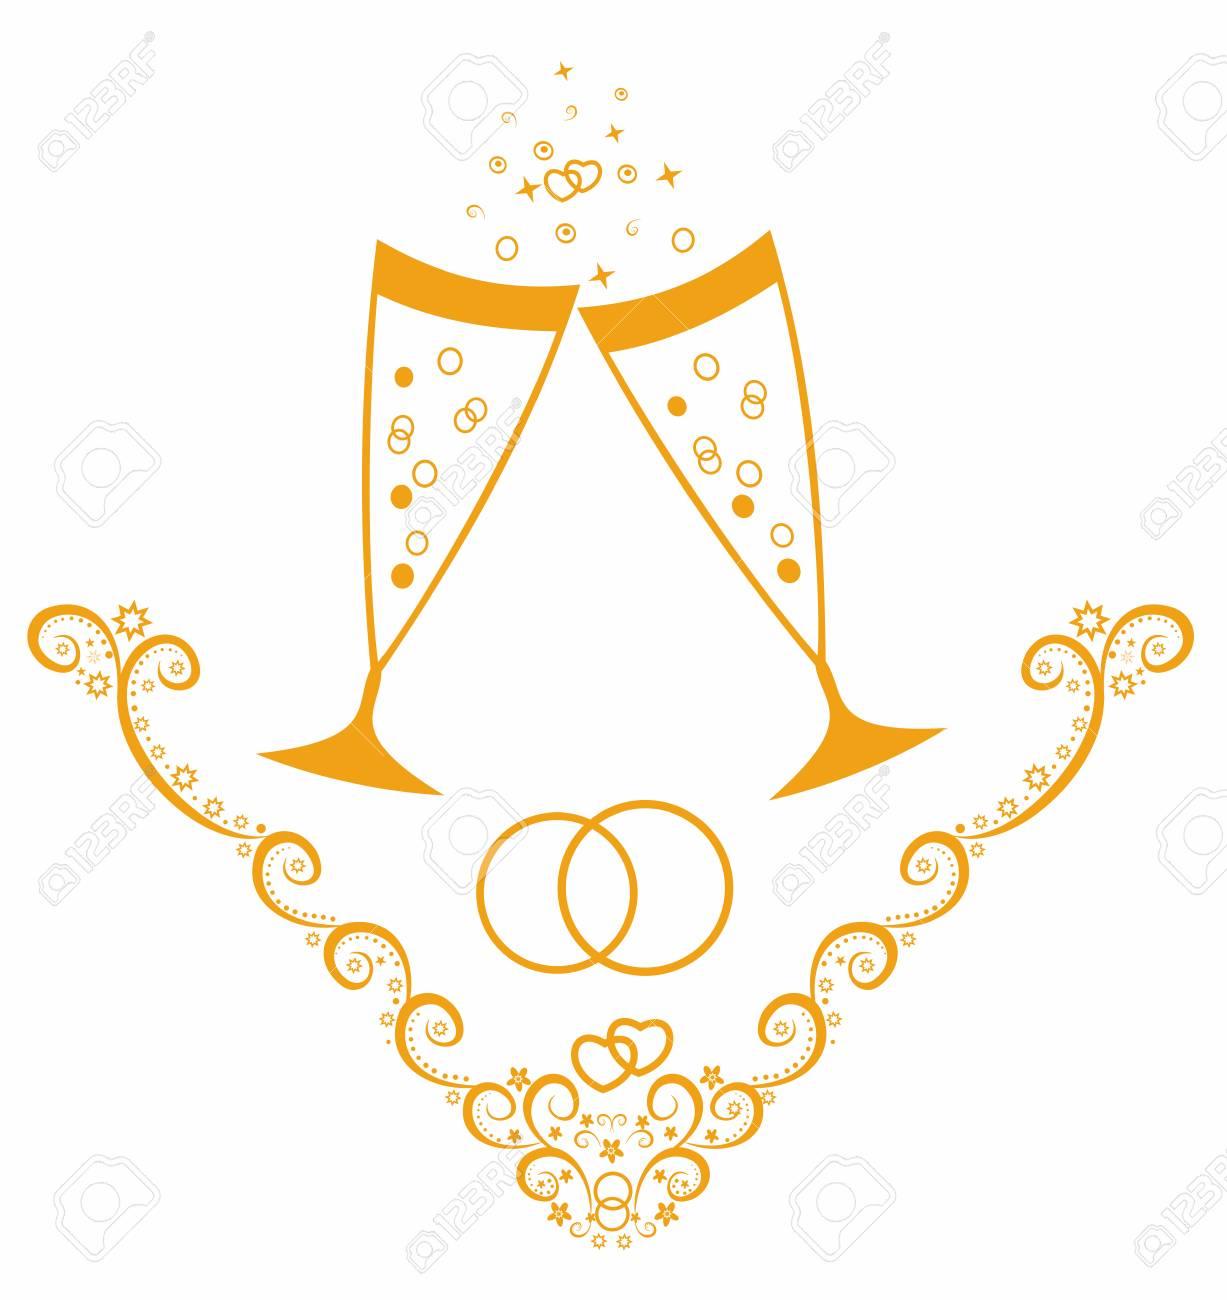 美しいベクター イラストですシャンパンとの結婚式の日のお祝い の